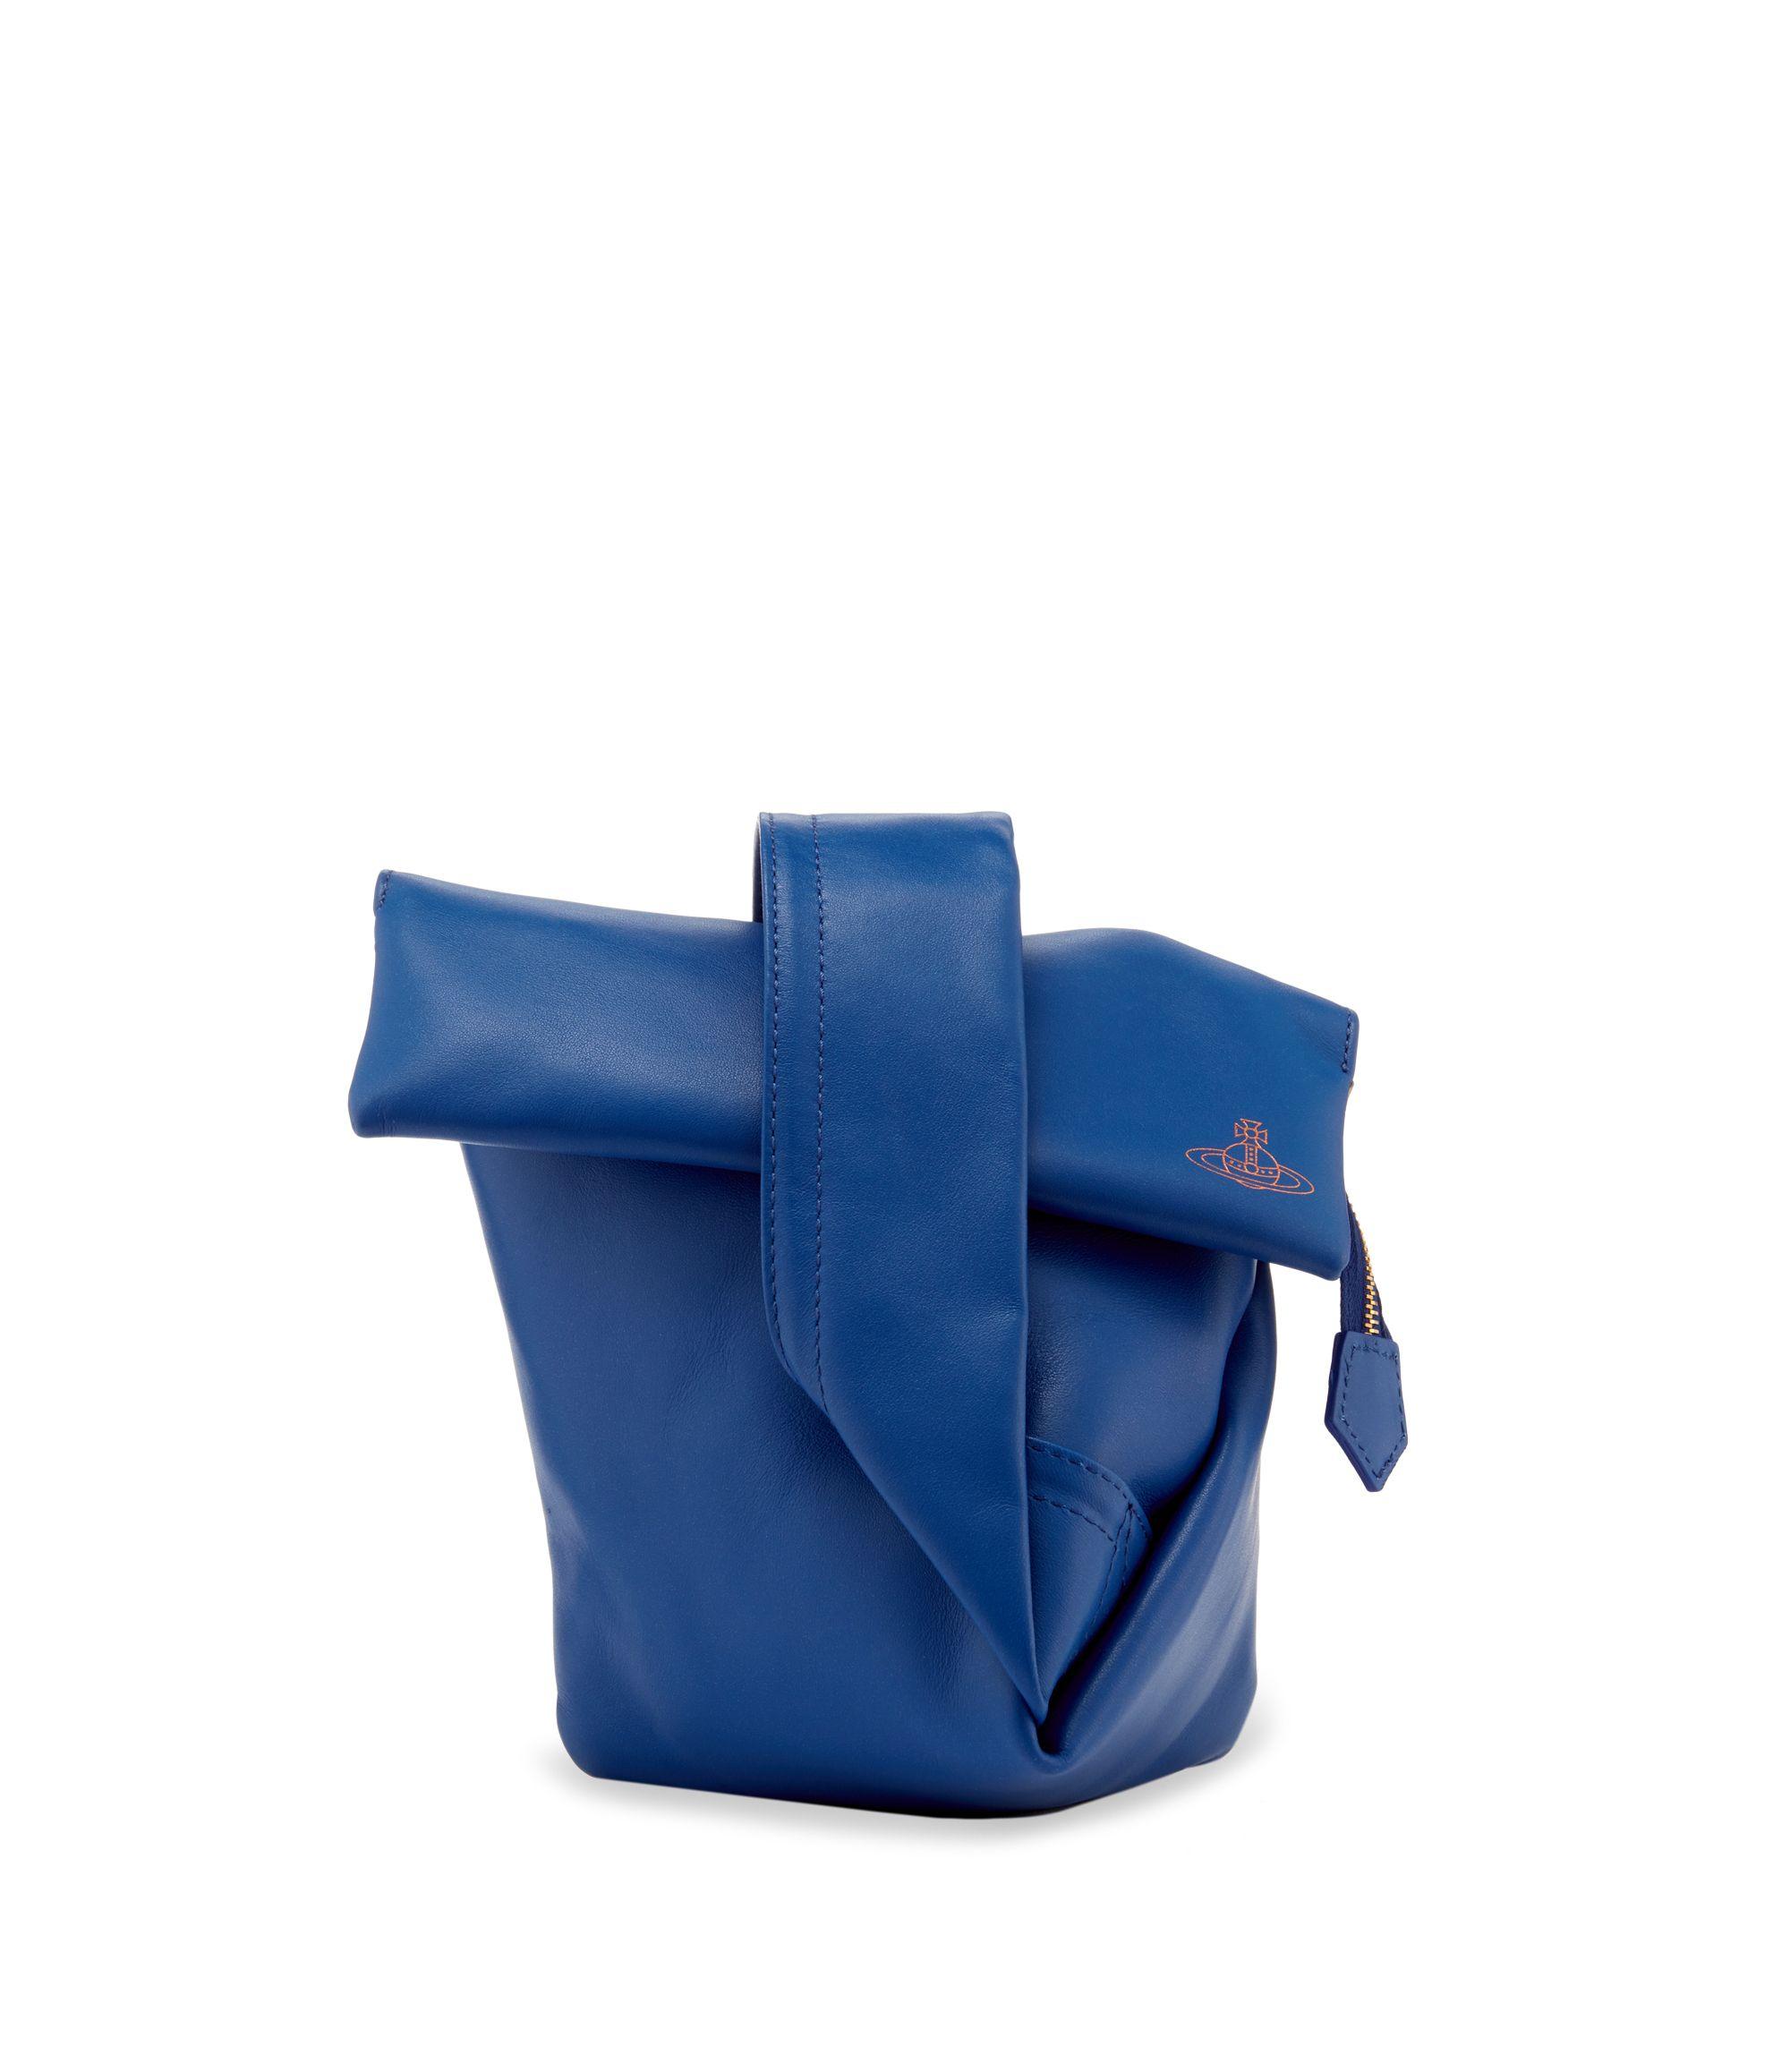 7af30c0241 VIVIENNE WESTWOOD Vivienne'S Bag Cobalt 6973. #viviennewestwood #bags  #leather #clutch #hand bags #